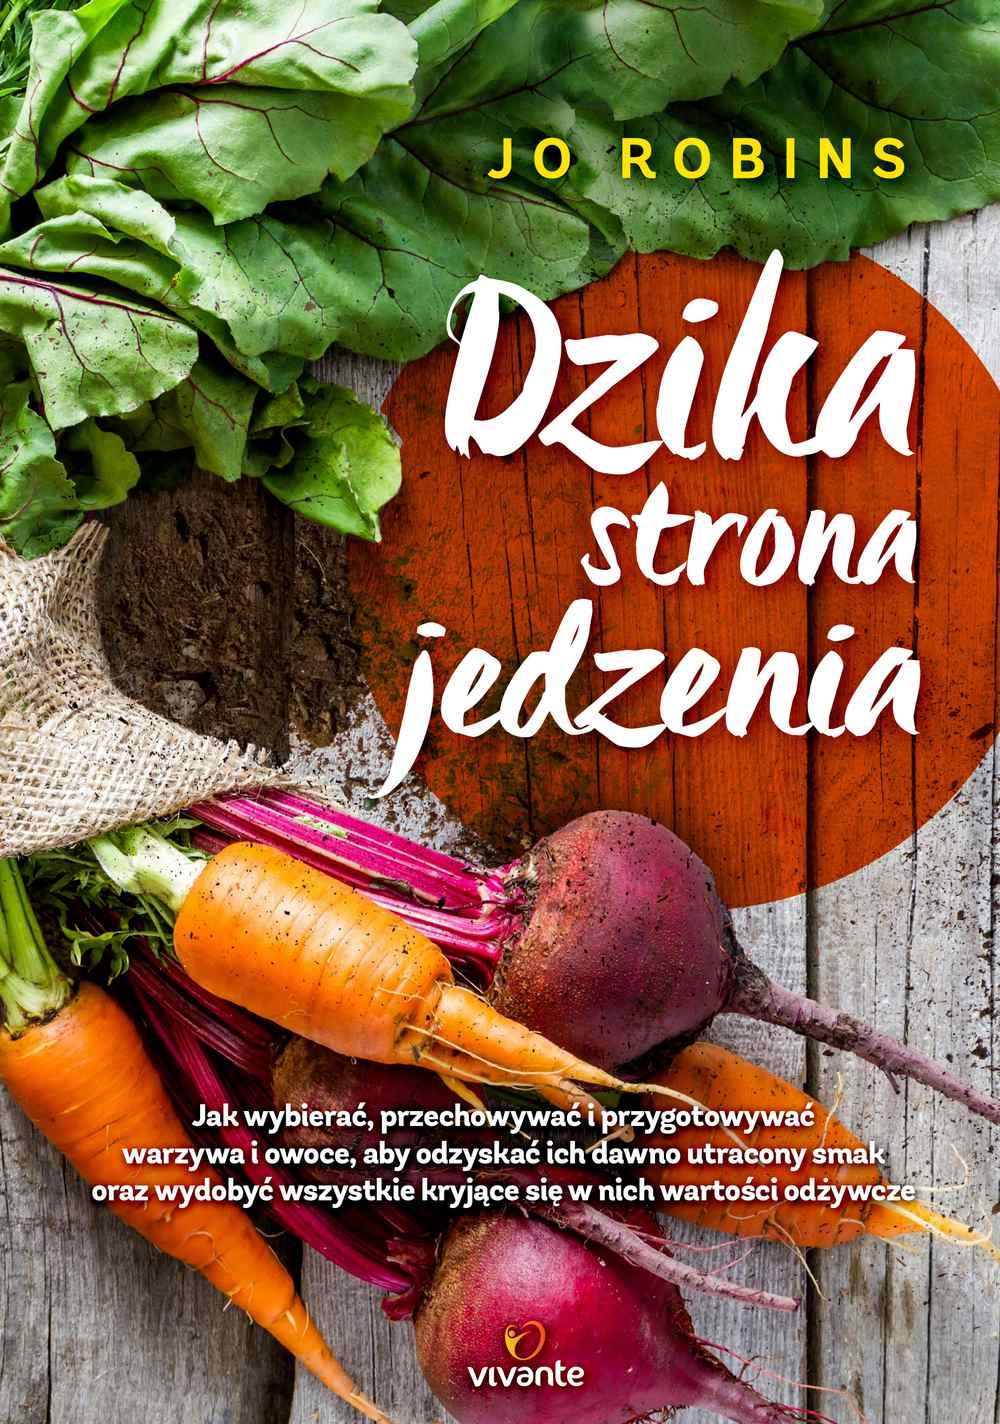 Dzika strona jedzenia. Jak wybierać, przechowywać i przygotowywać warzywa i owoce, aby odzyskać ich dawno utracony smak oraz wydobywać wszystkie kryjące się w nich wartości odżywcze - Ebook (Książka na Kindle) do pobrania w formacie MOBI